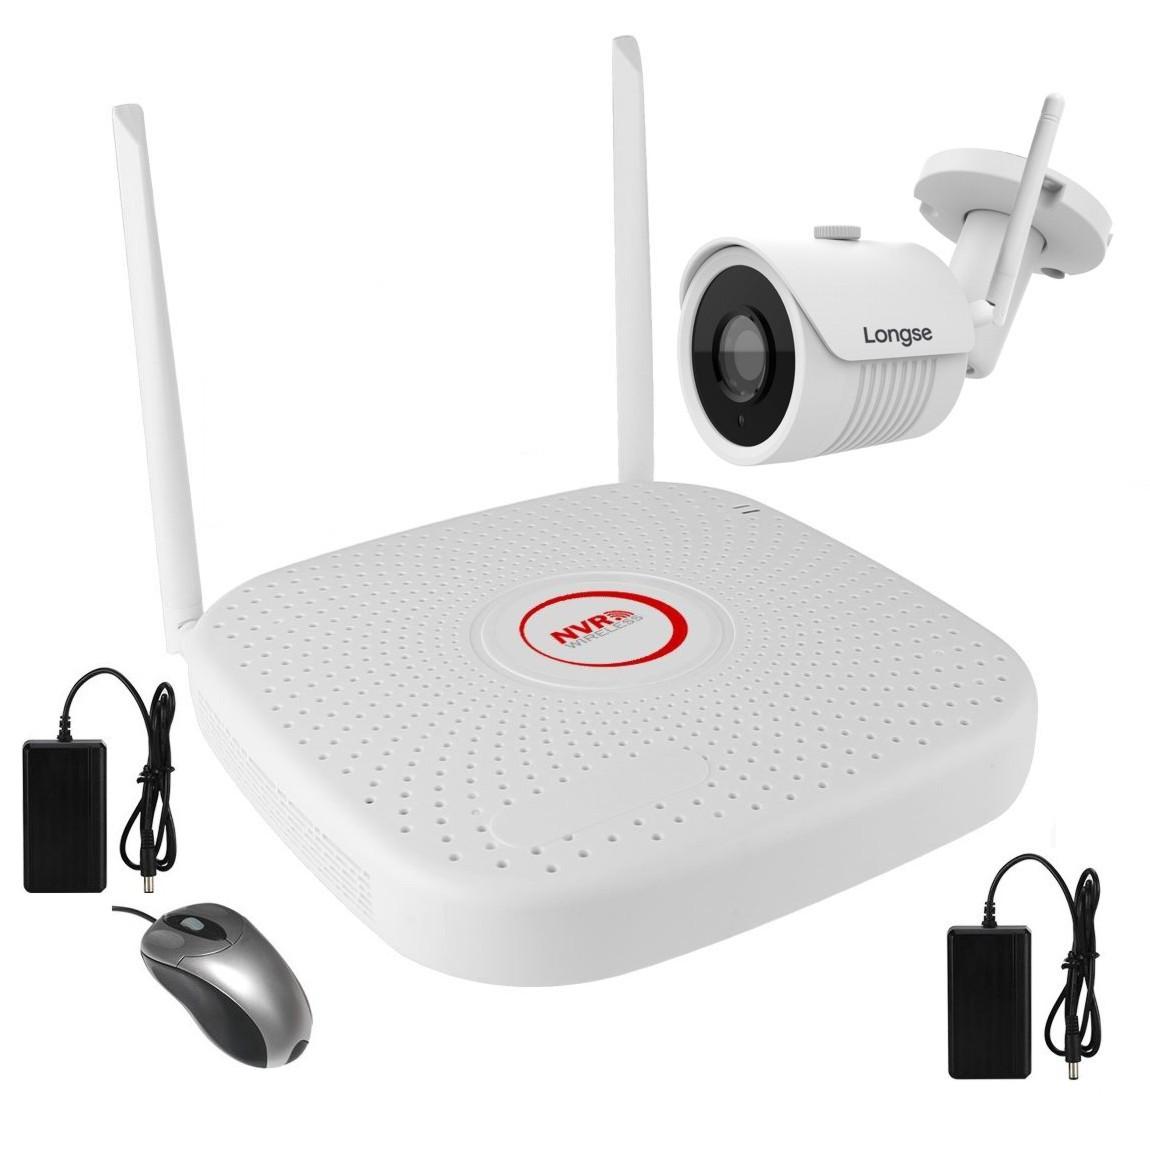 Комплект бездротового WiFi відеоспостереження на 1 камеру 1 Мп на 300 метрів LONGSE WIFI2004PG1S100-1